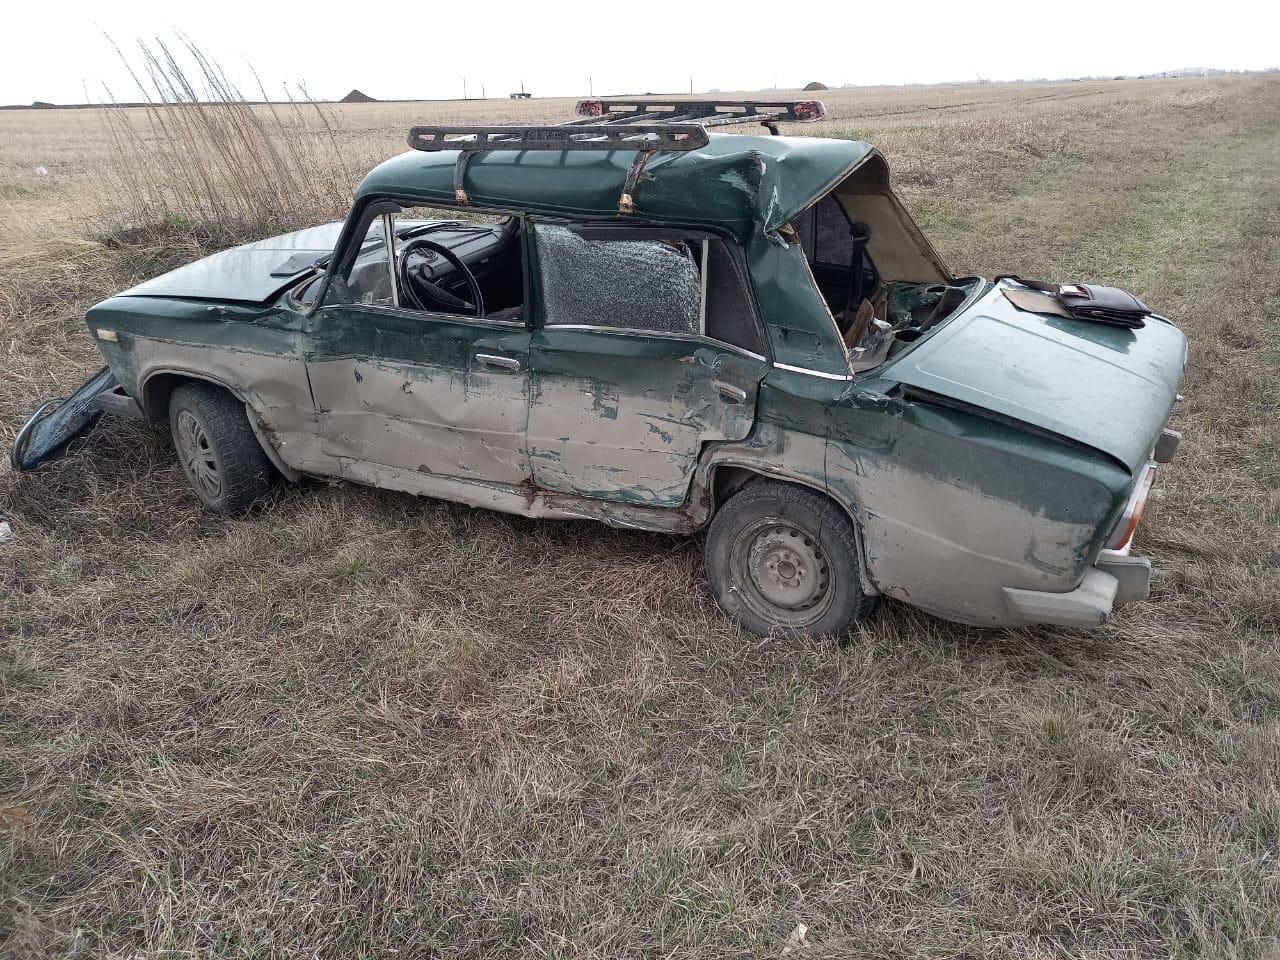 Под Омском столкнулись «шестерка» и фура: 1 человек погиб #Новости #Общество #Омск